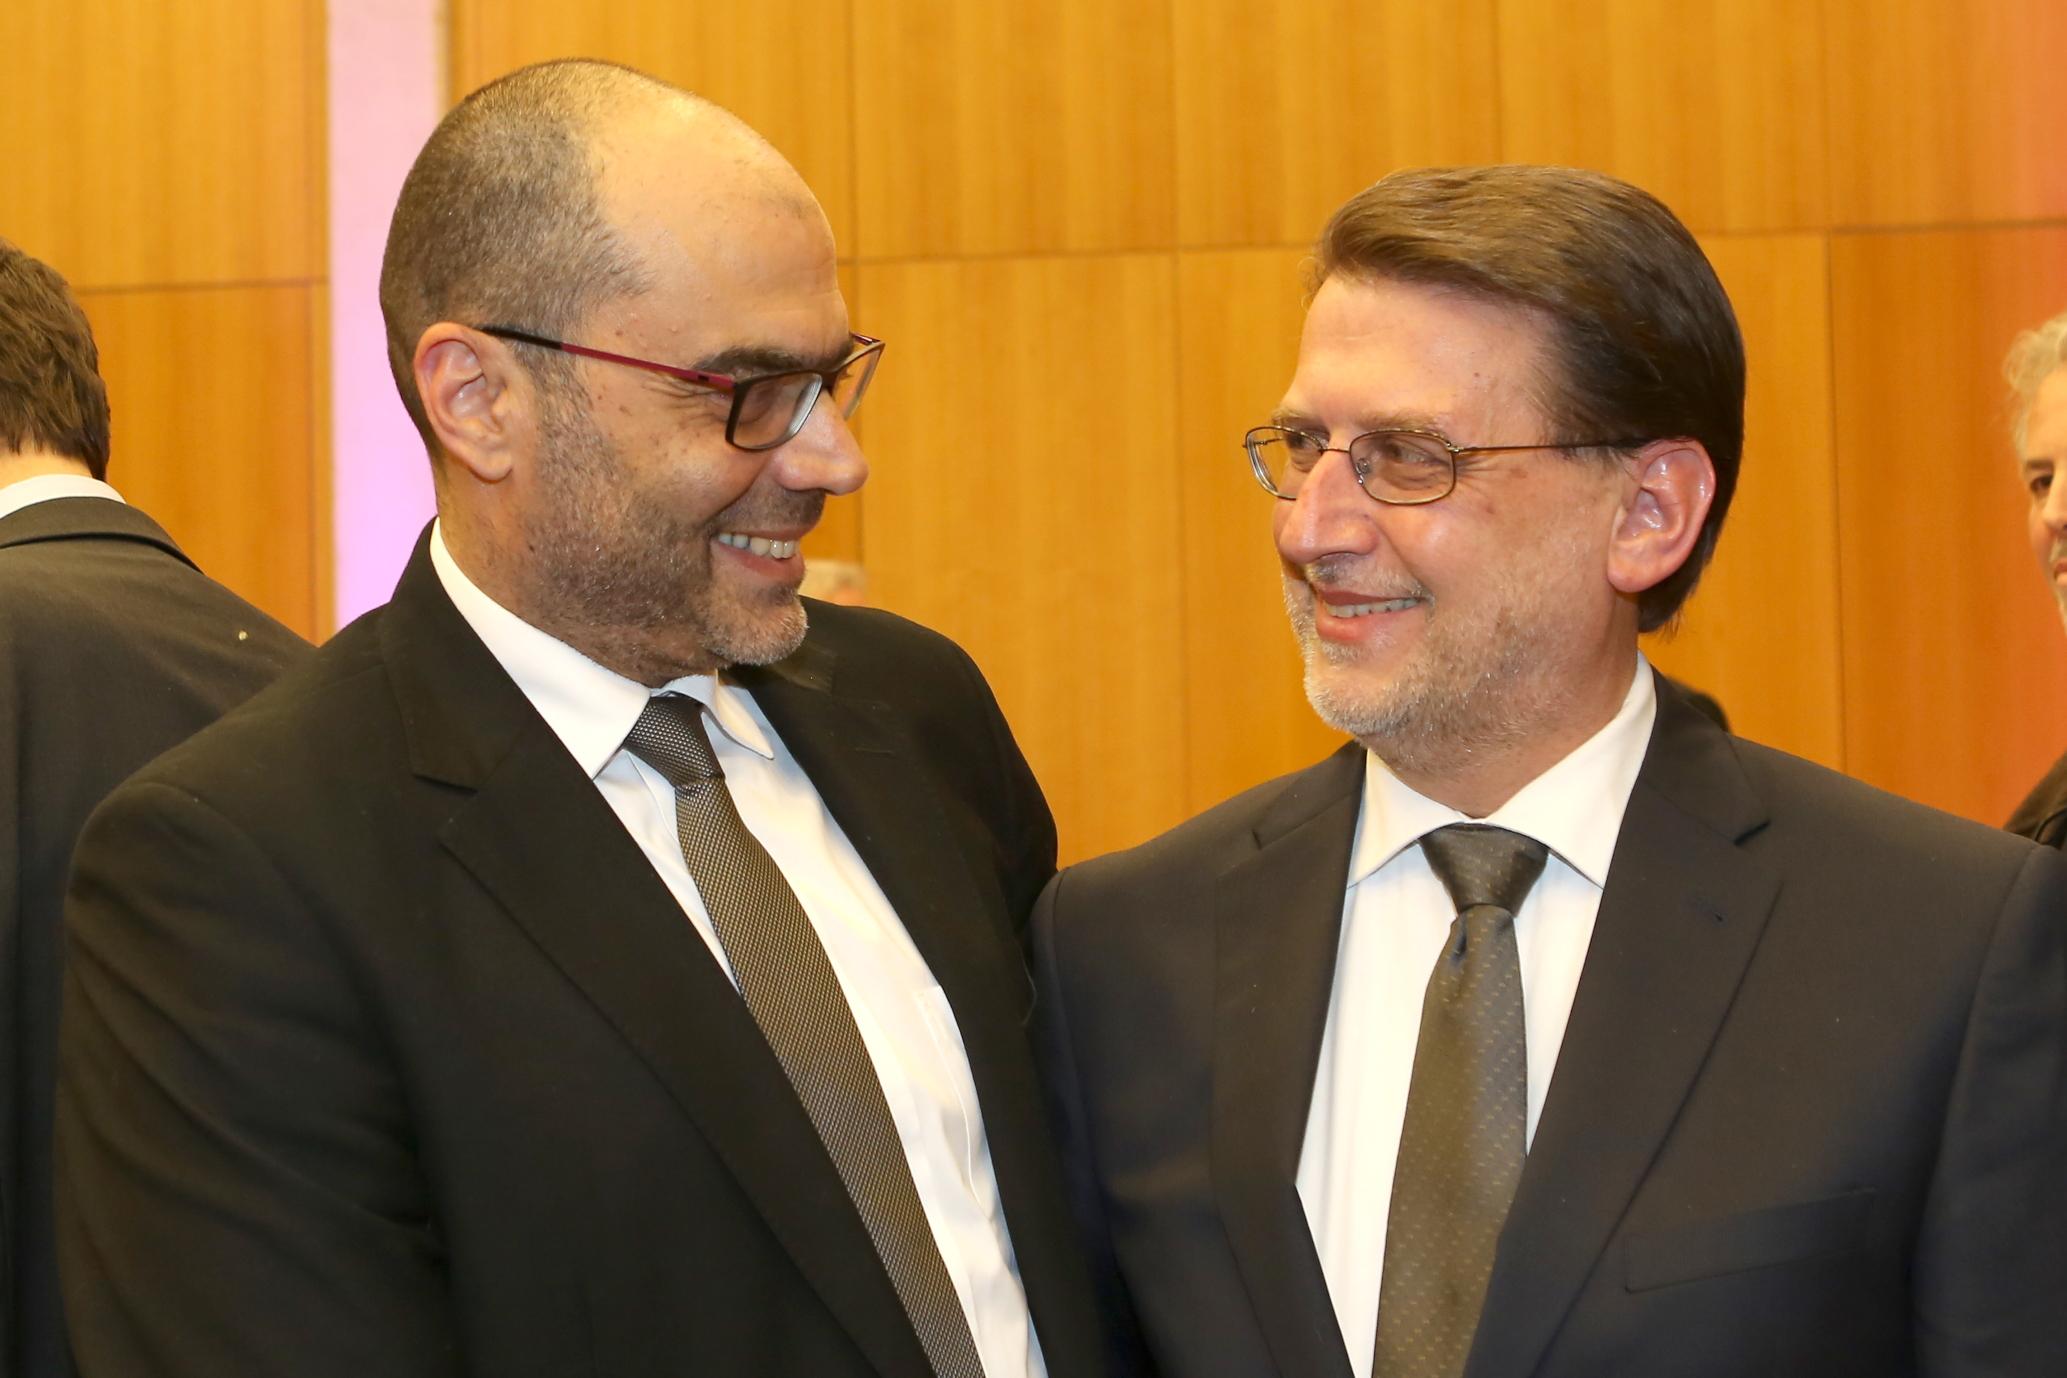 Der israelische Generalkonsul Dr. Dan Shaham (links) und Harald Eckert bei der Gedenkveranstaltung am 29.01.2015 im Hubert-Burda-Saal der Israelitischen Kultusgemeinde in München, Foto: Sylvie Köker